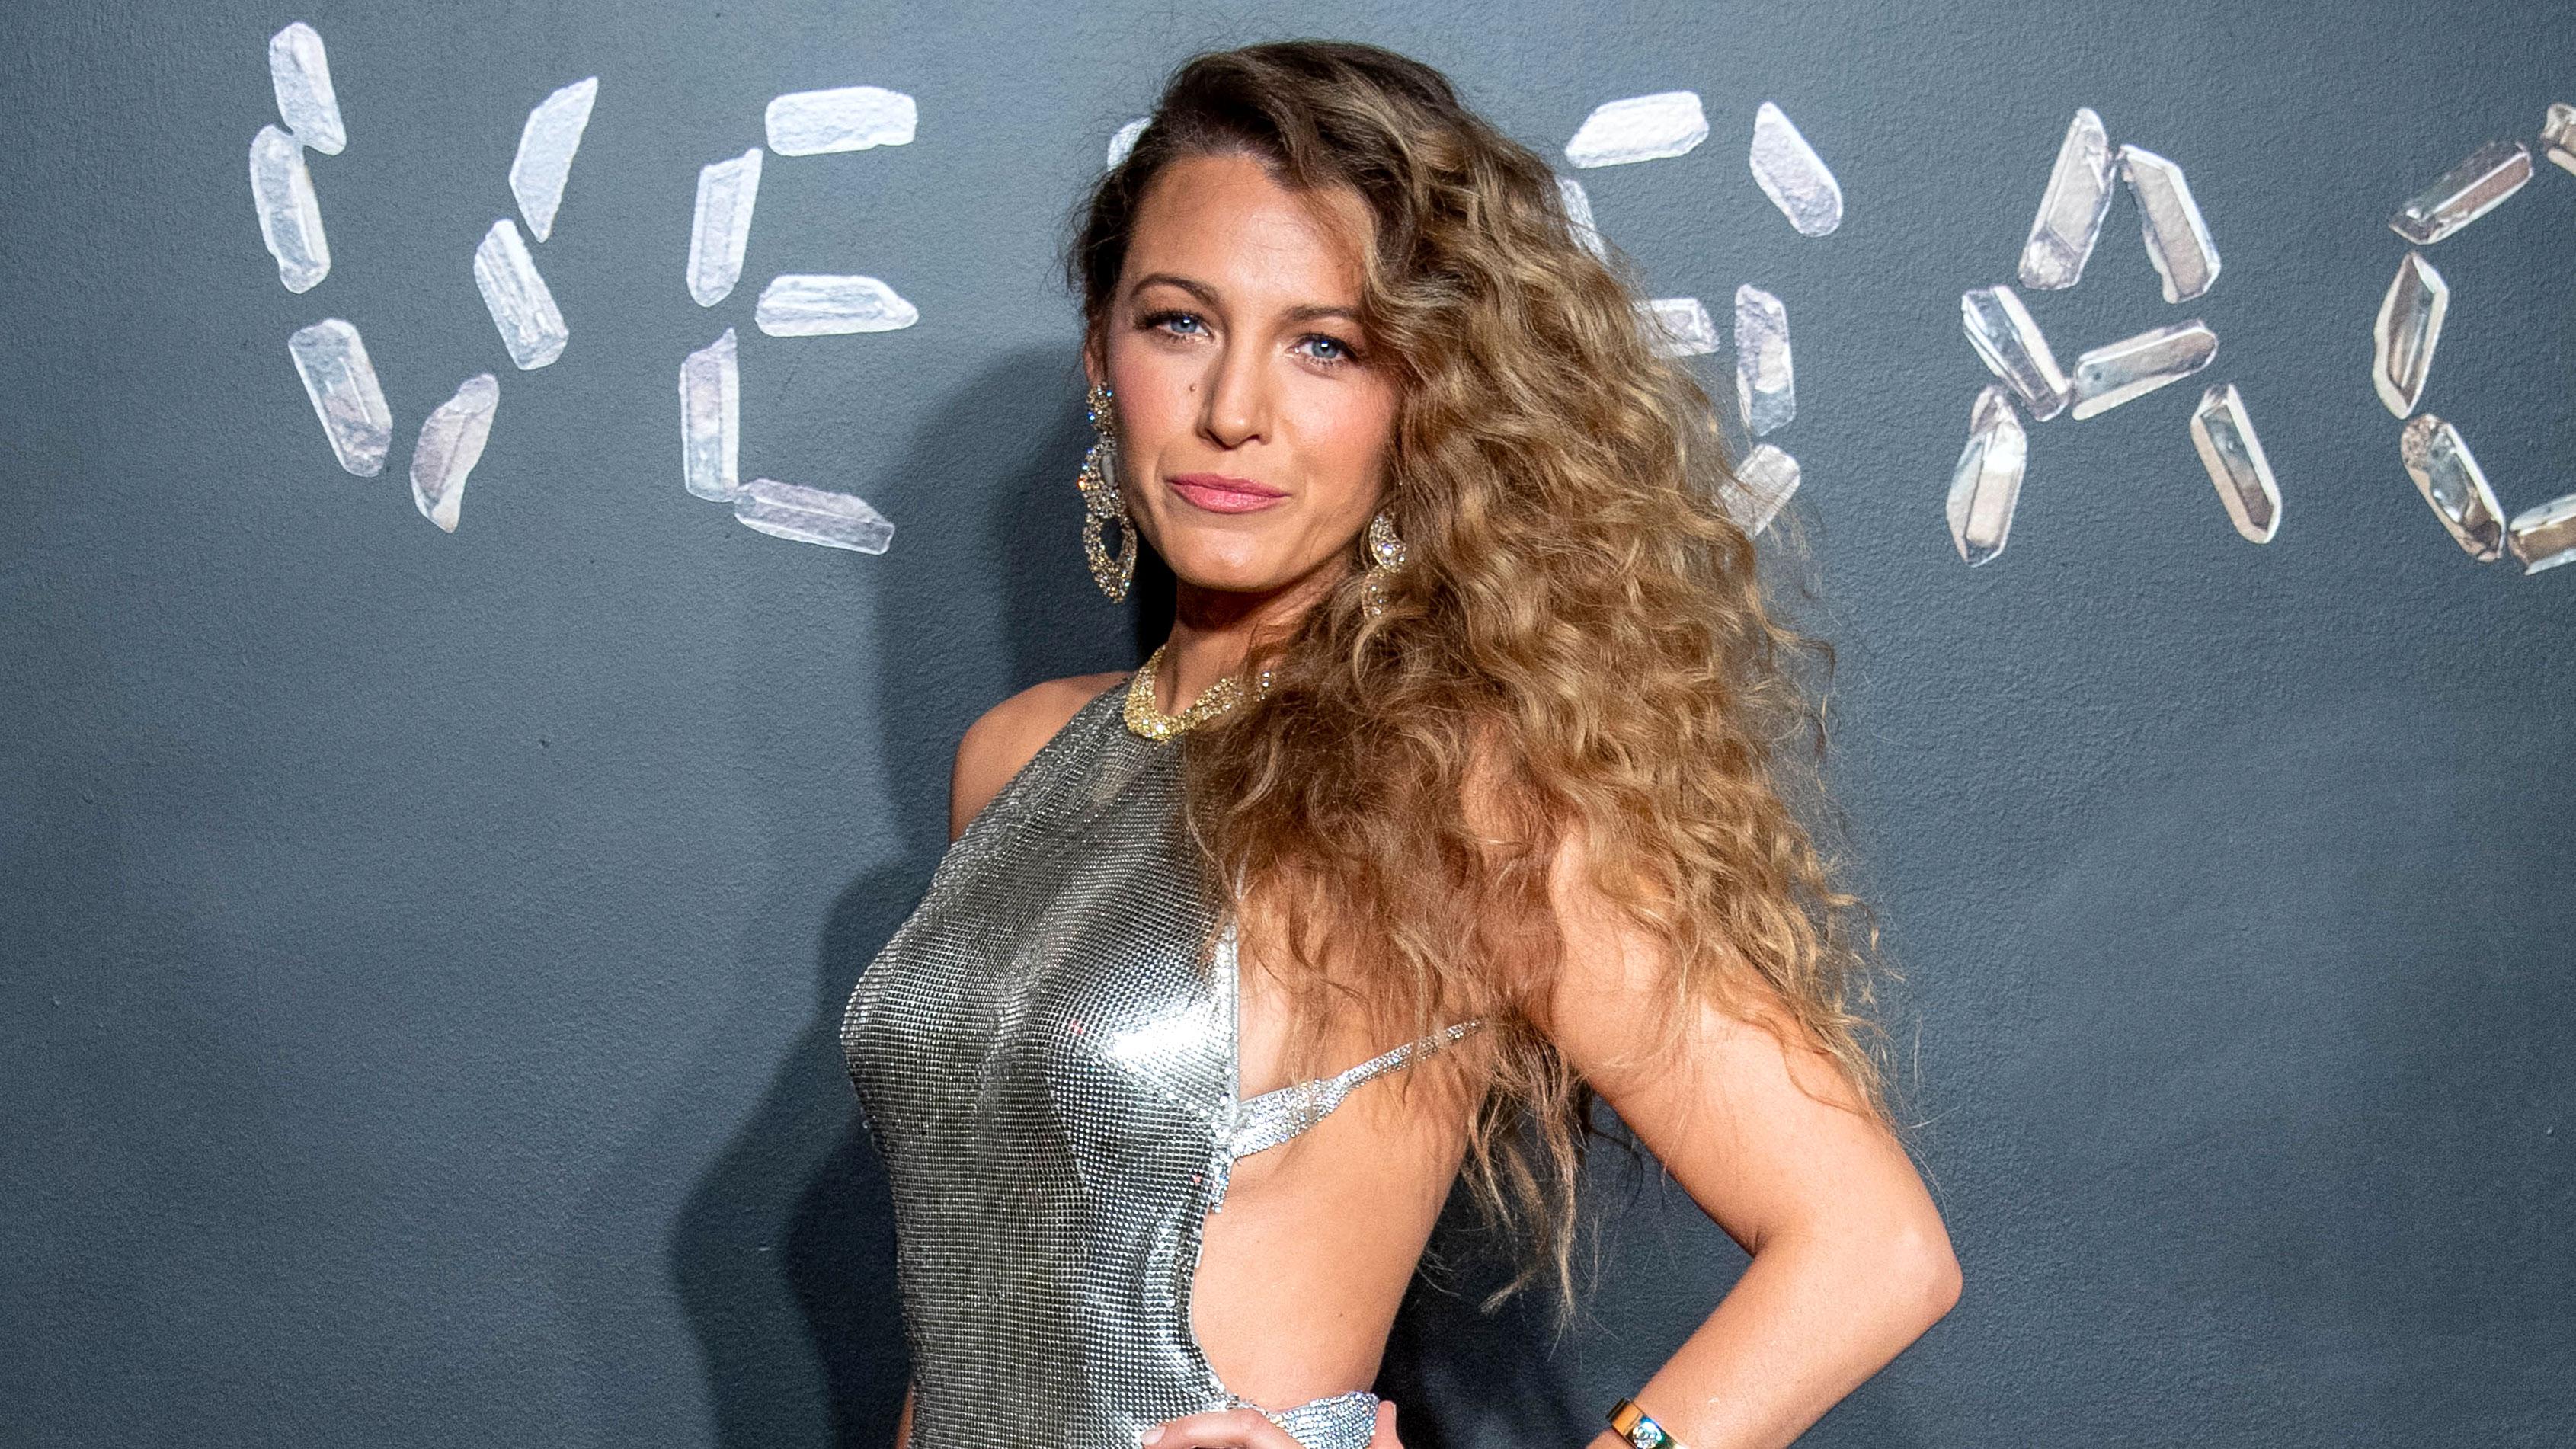 Celebrity Leslie Bibb nude (85 photo), Tits, Sideboobs, Instagram, braless 2006